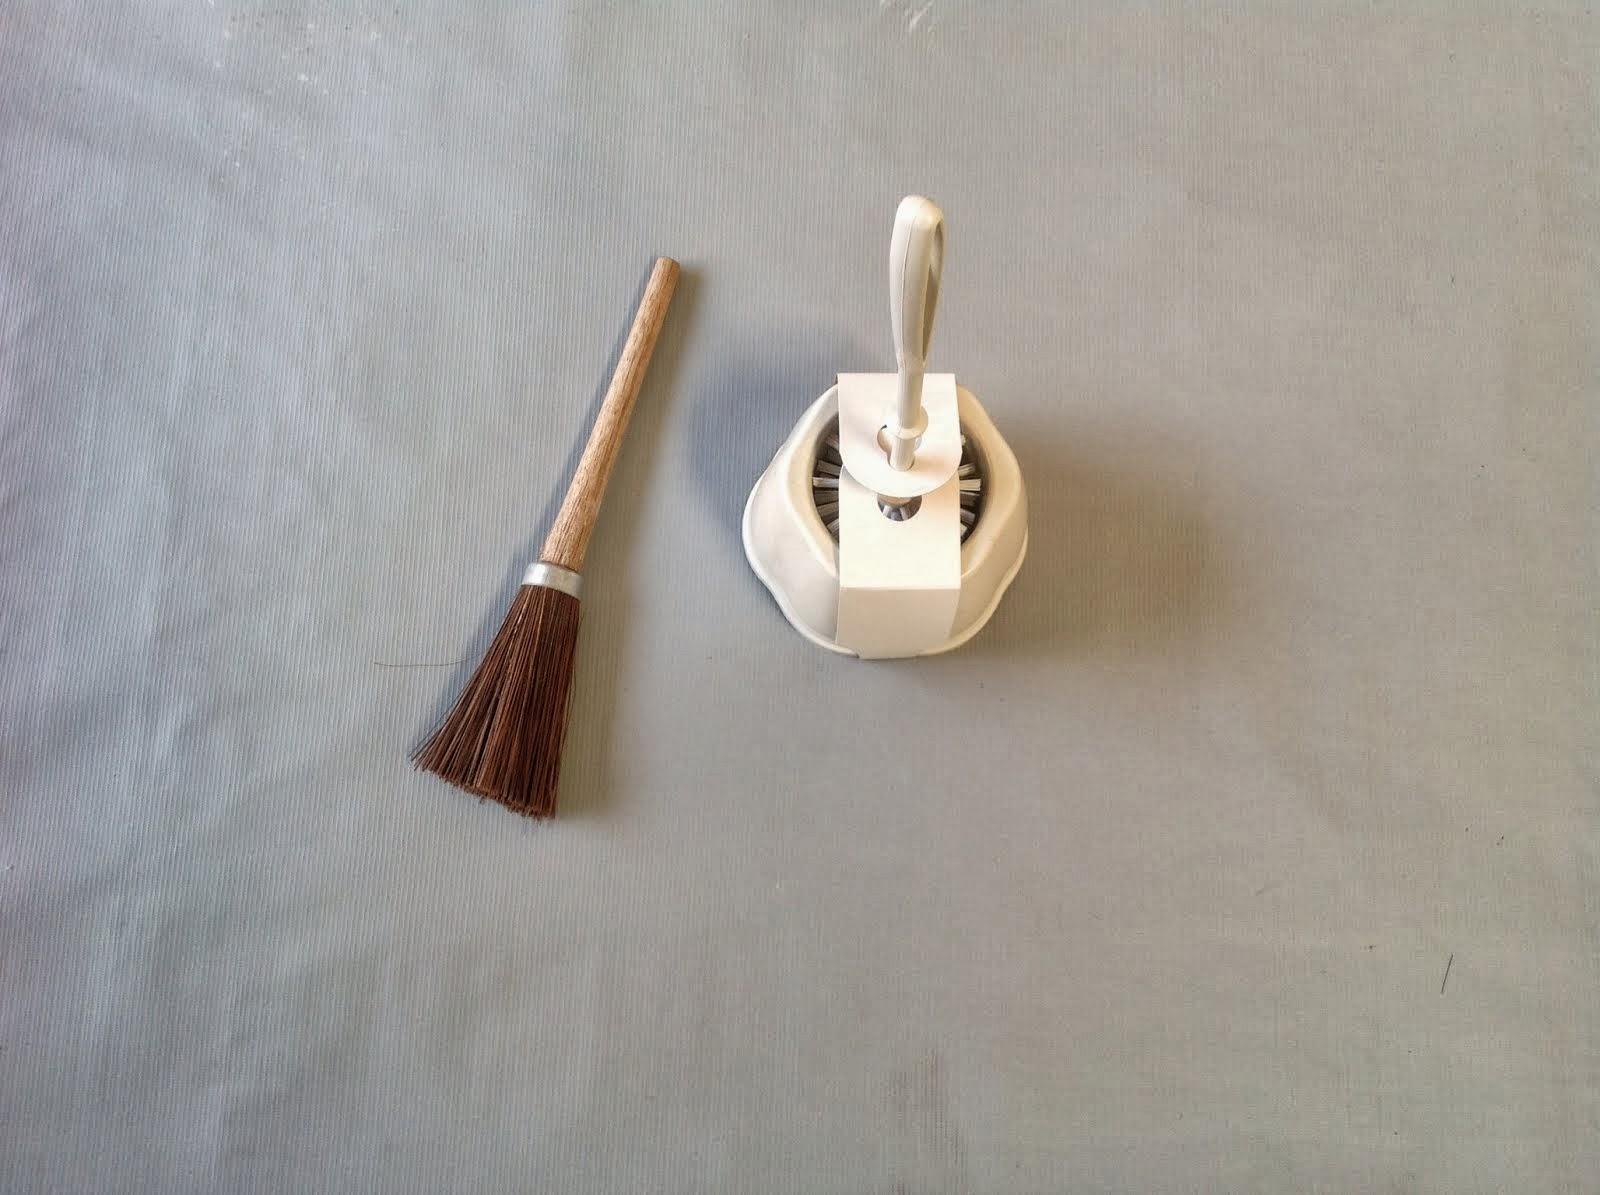 Escova sanitária piaçava e Escova sanitária com bojo